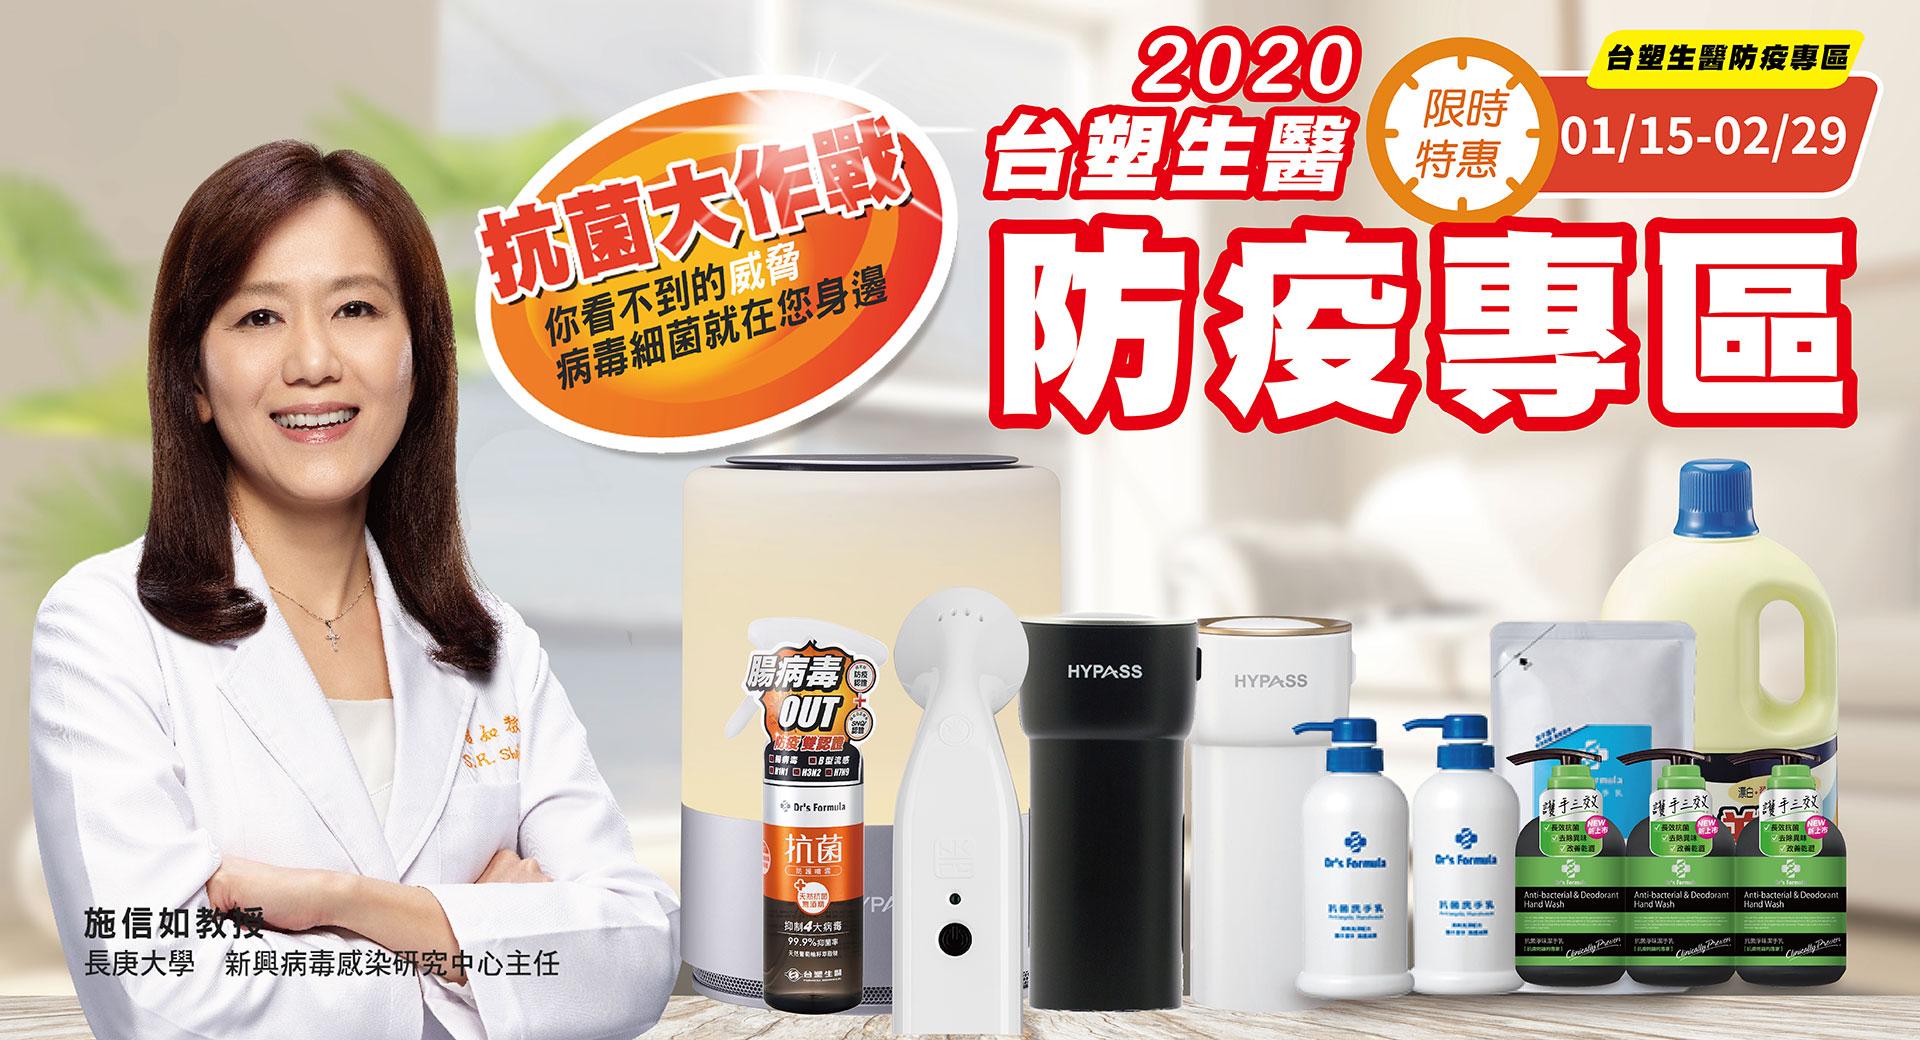 台塑生醫 生醫 防疫專區 2019新型冠狀病毒 COVID-19 2019-nCoV